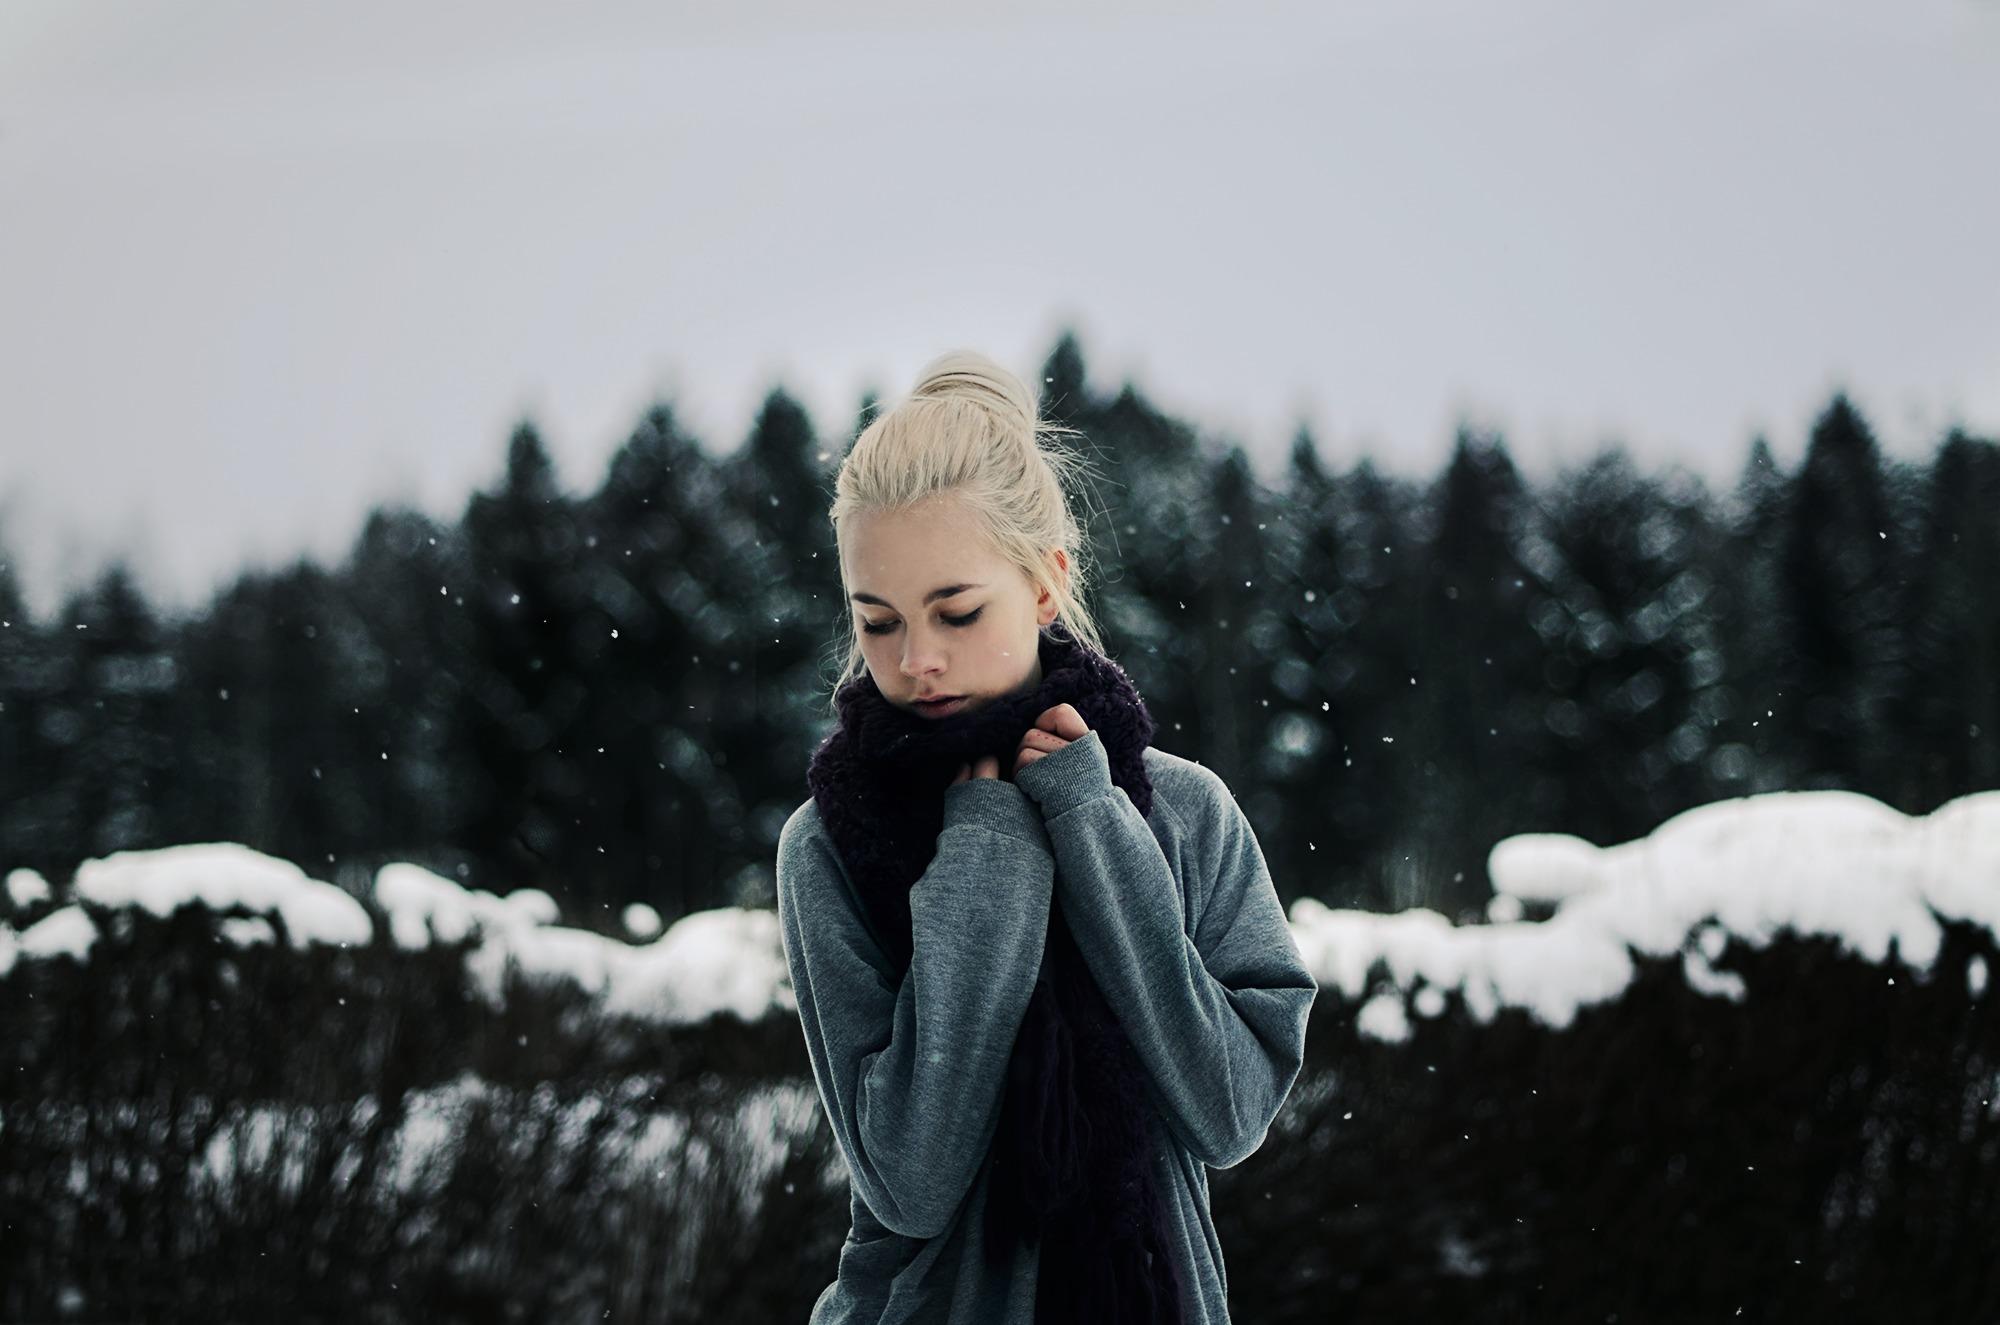 Днем рождения, картинки девушки зимой без лица